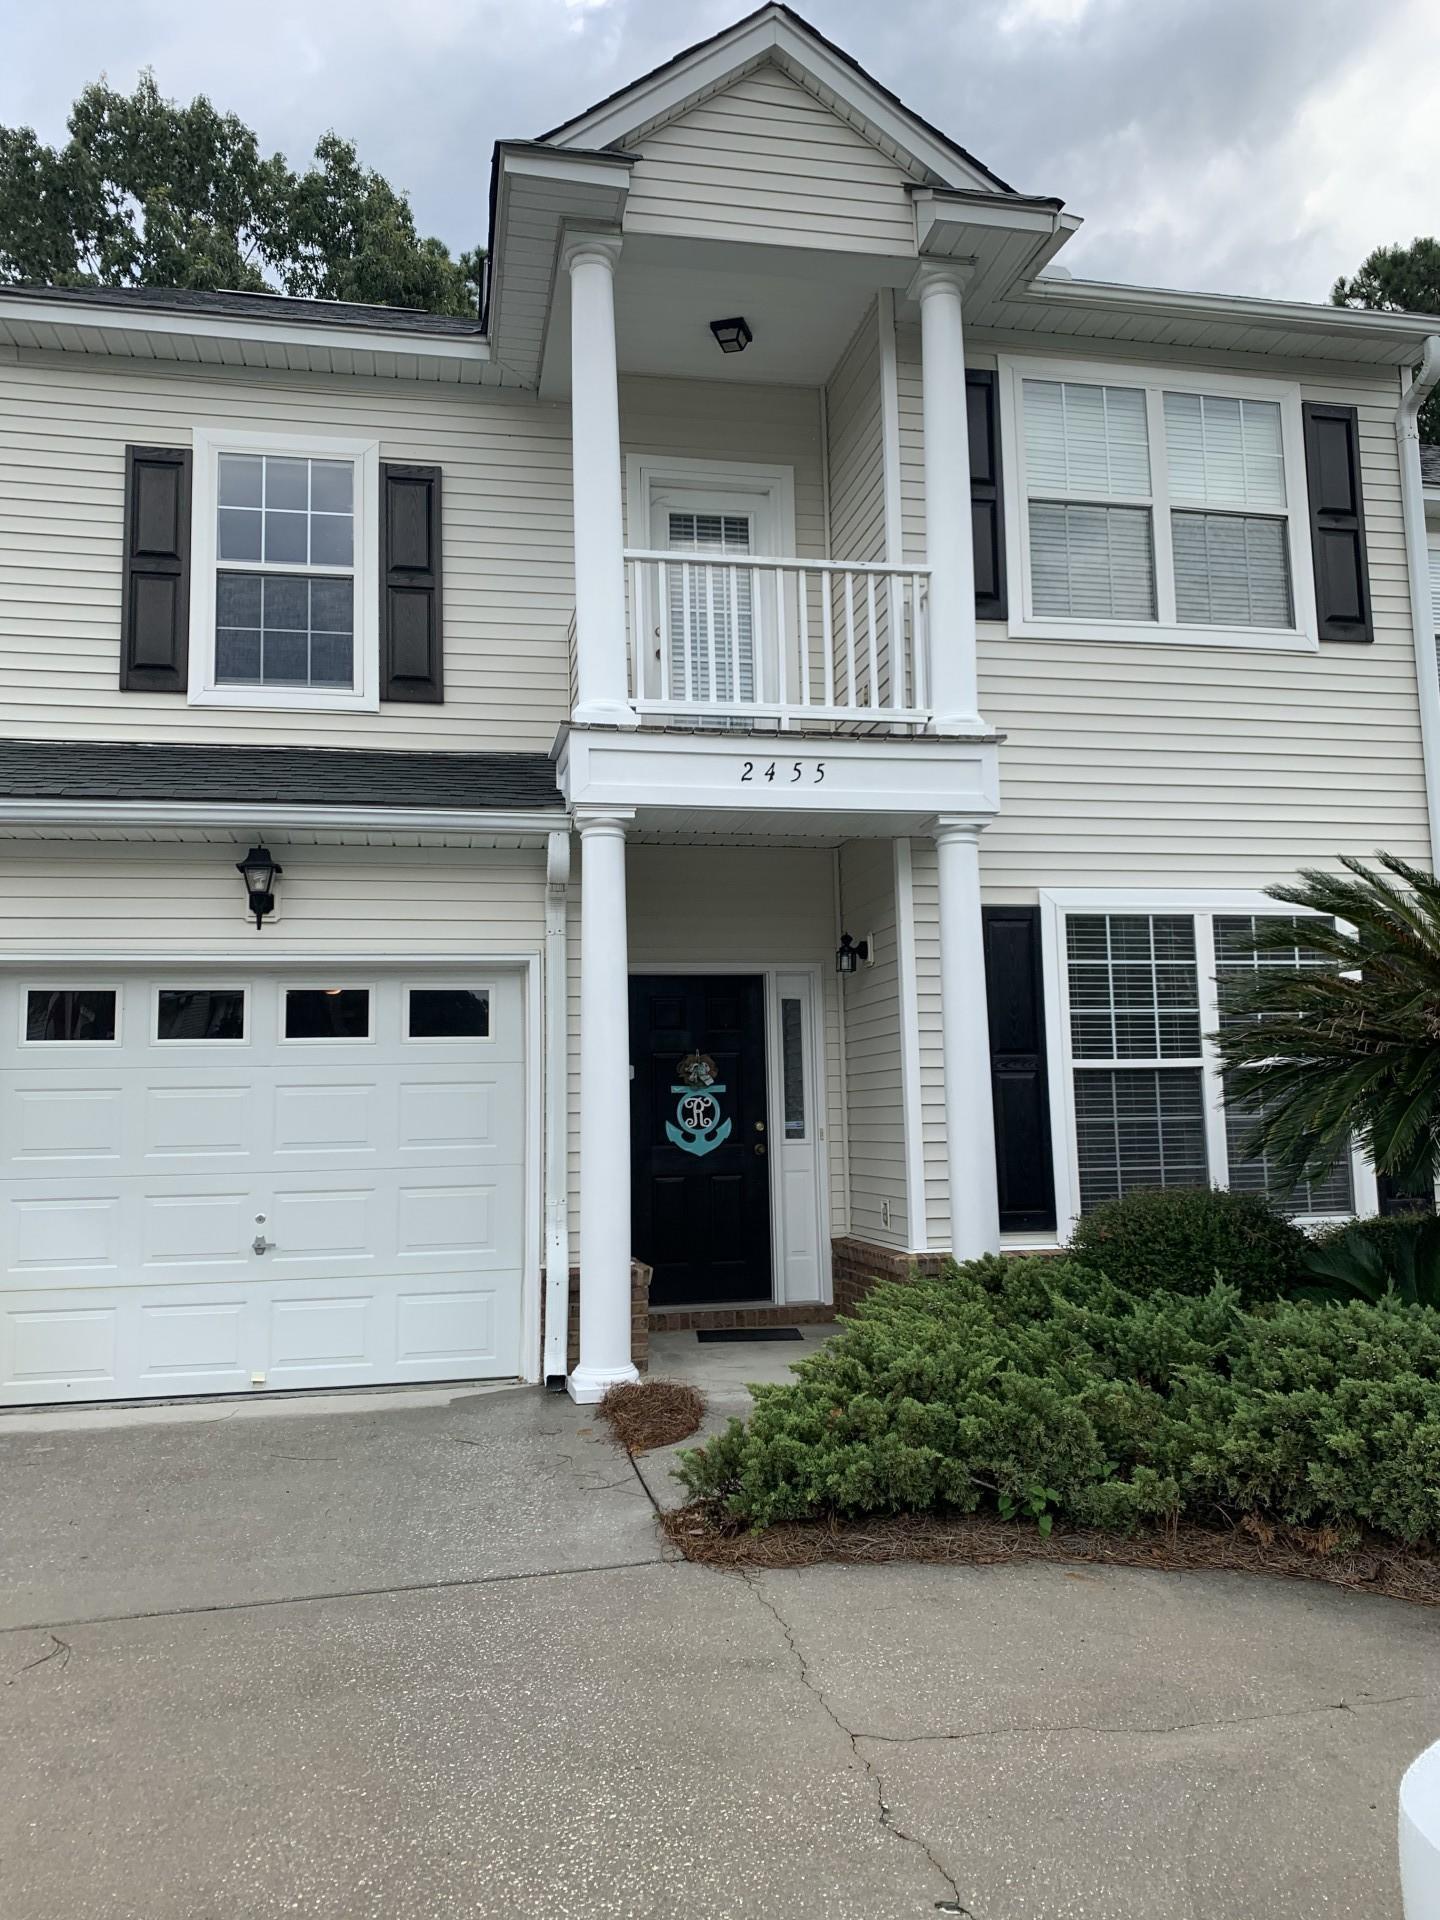 Park West Homes For Sale - 2455 Draymohr, Mount Pleasant, SC - 18